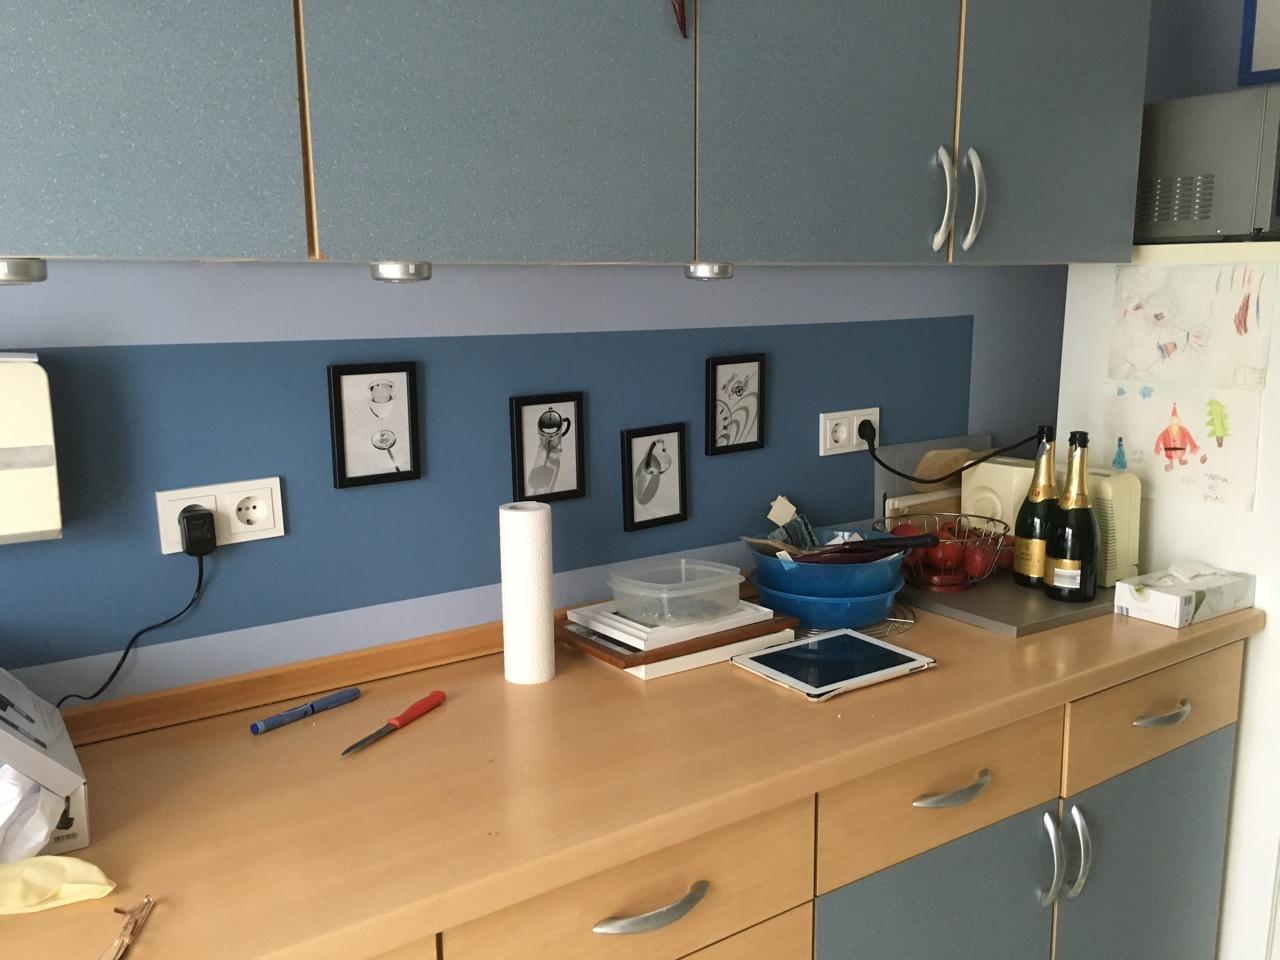 Full Size of Gestaltung Einer Kchenwand Malermeisterbetrieb Timo Blender Wohnzimmer Küchenwand